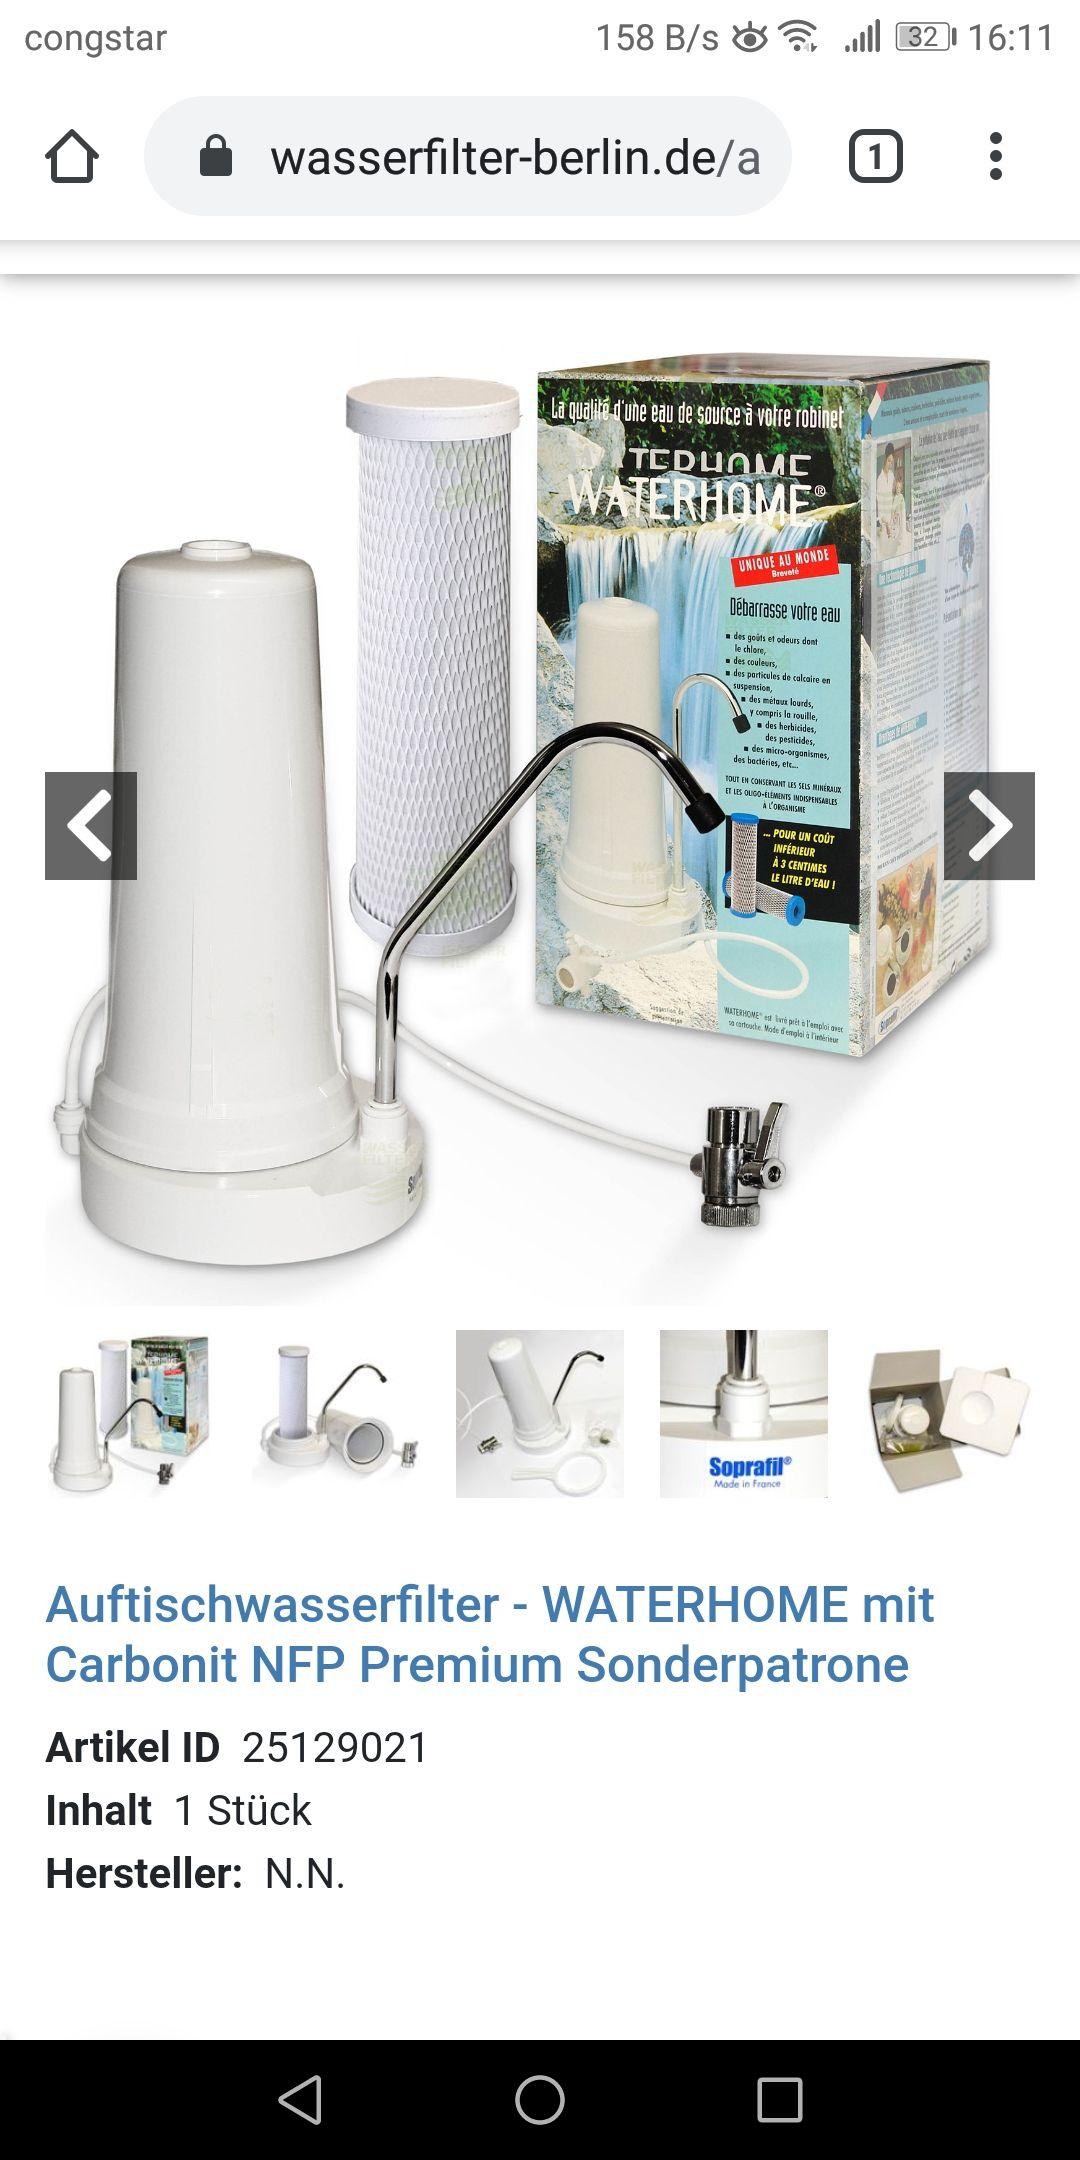 Wasserfilter Waterhome mit 2 Filter